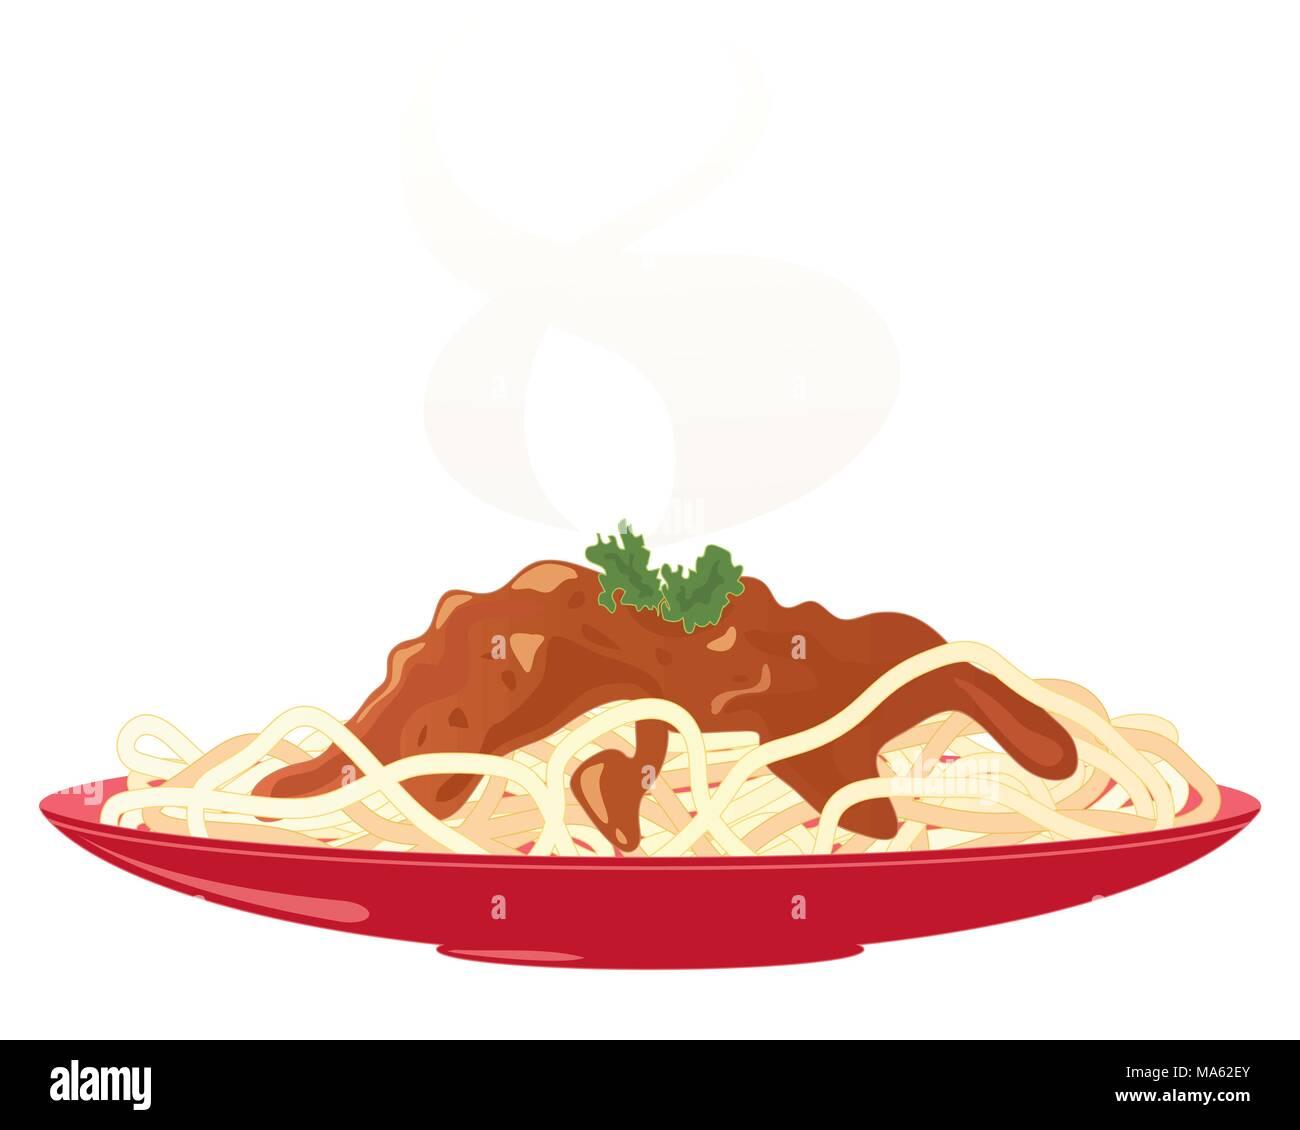 Una illustrazione vettoriale in formato eps di una targhetta rossa con un pasto delizioso spaghetti alla bolognese e prezzemolo e guarnire con vapore Immagini Stock